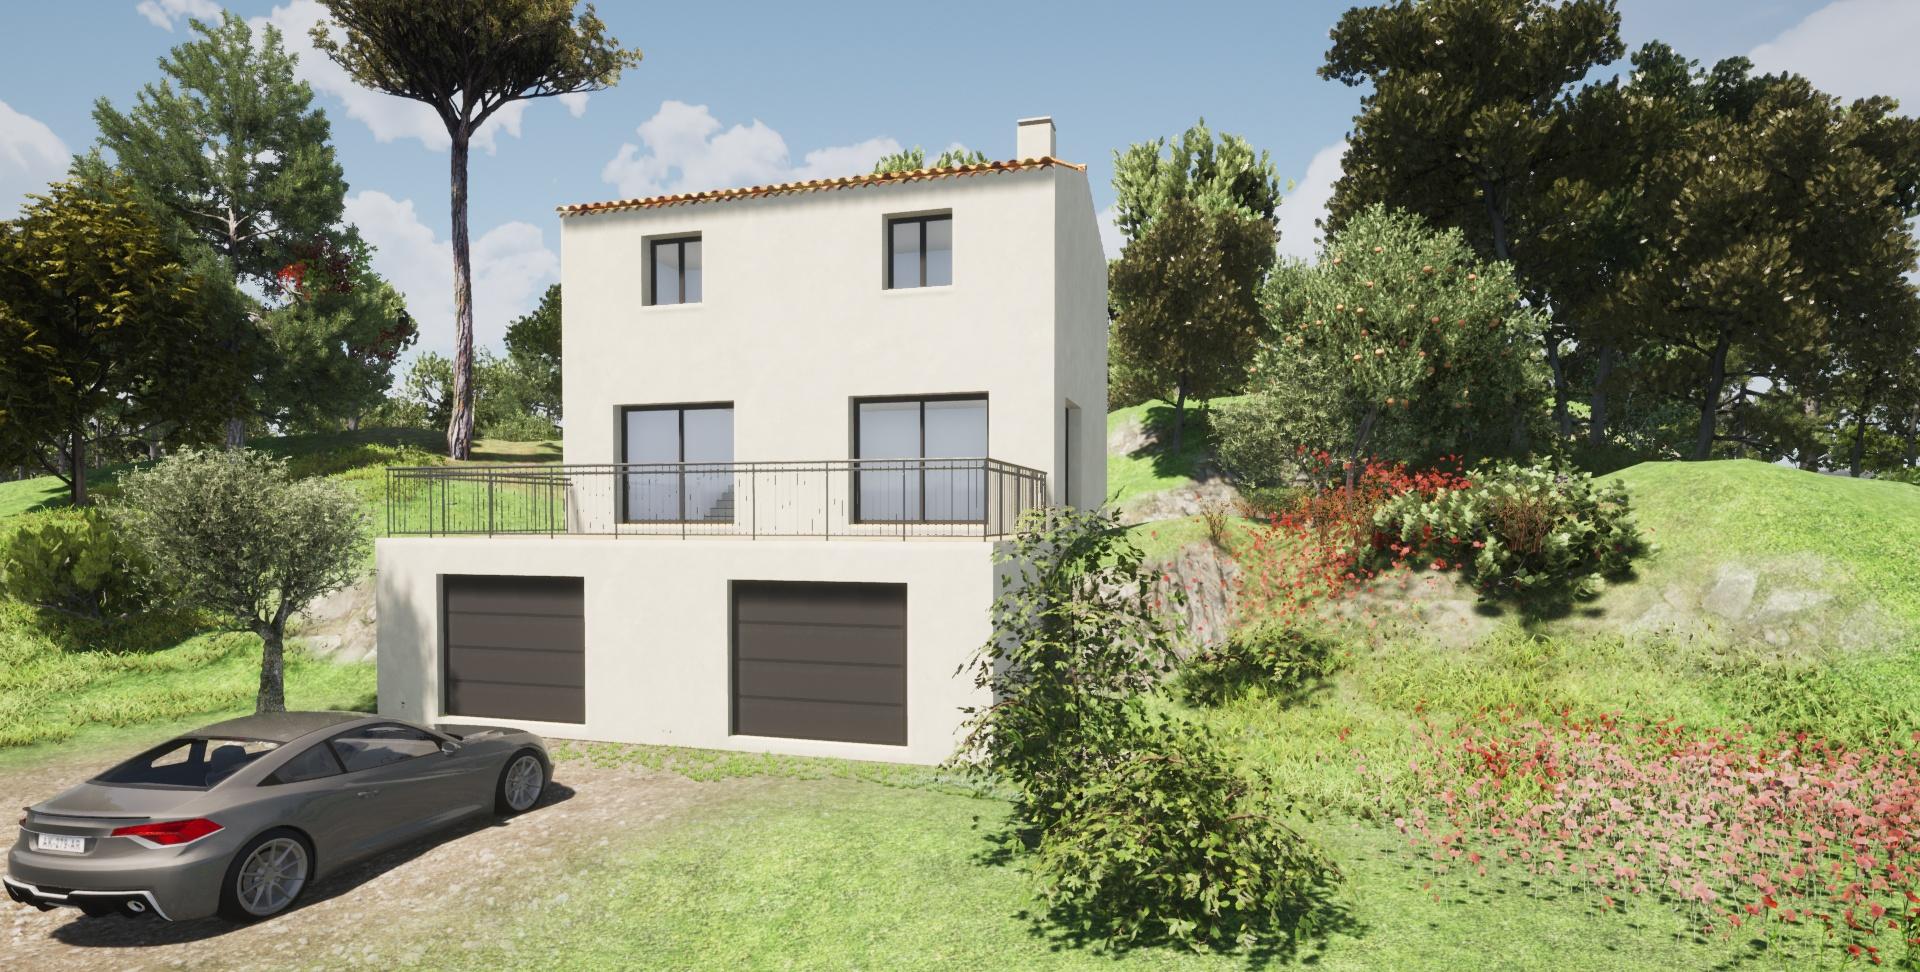 Maisons + Terrains du constructeur SAS MAISONS BLANCHES • 90 m² • SEILLONS SOURCE D'ARGENS